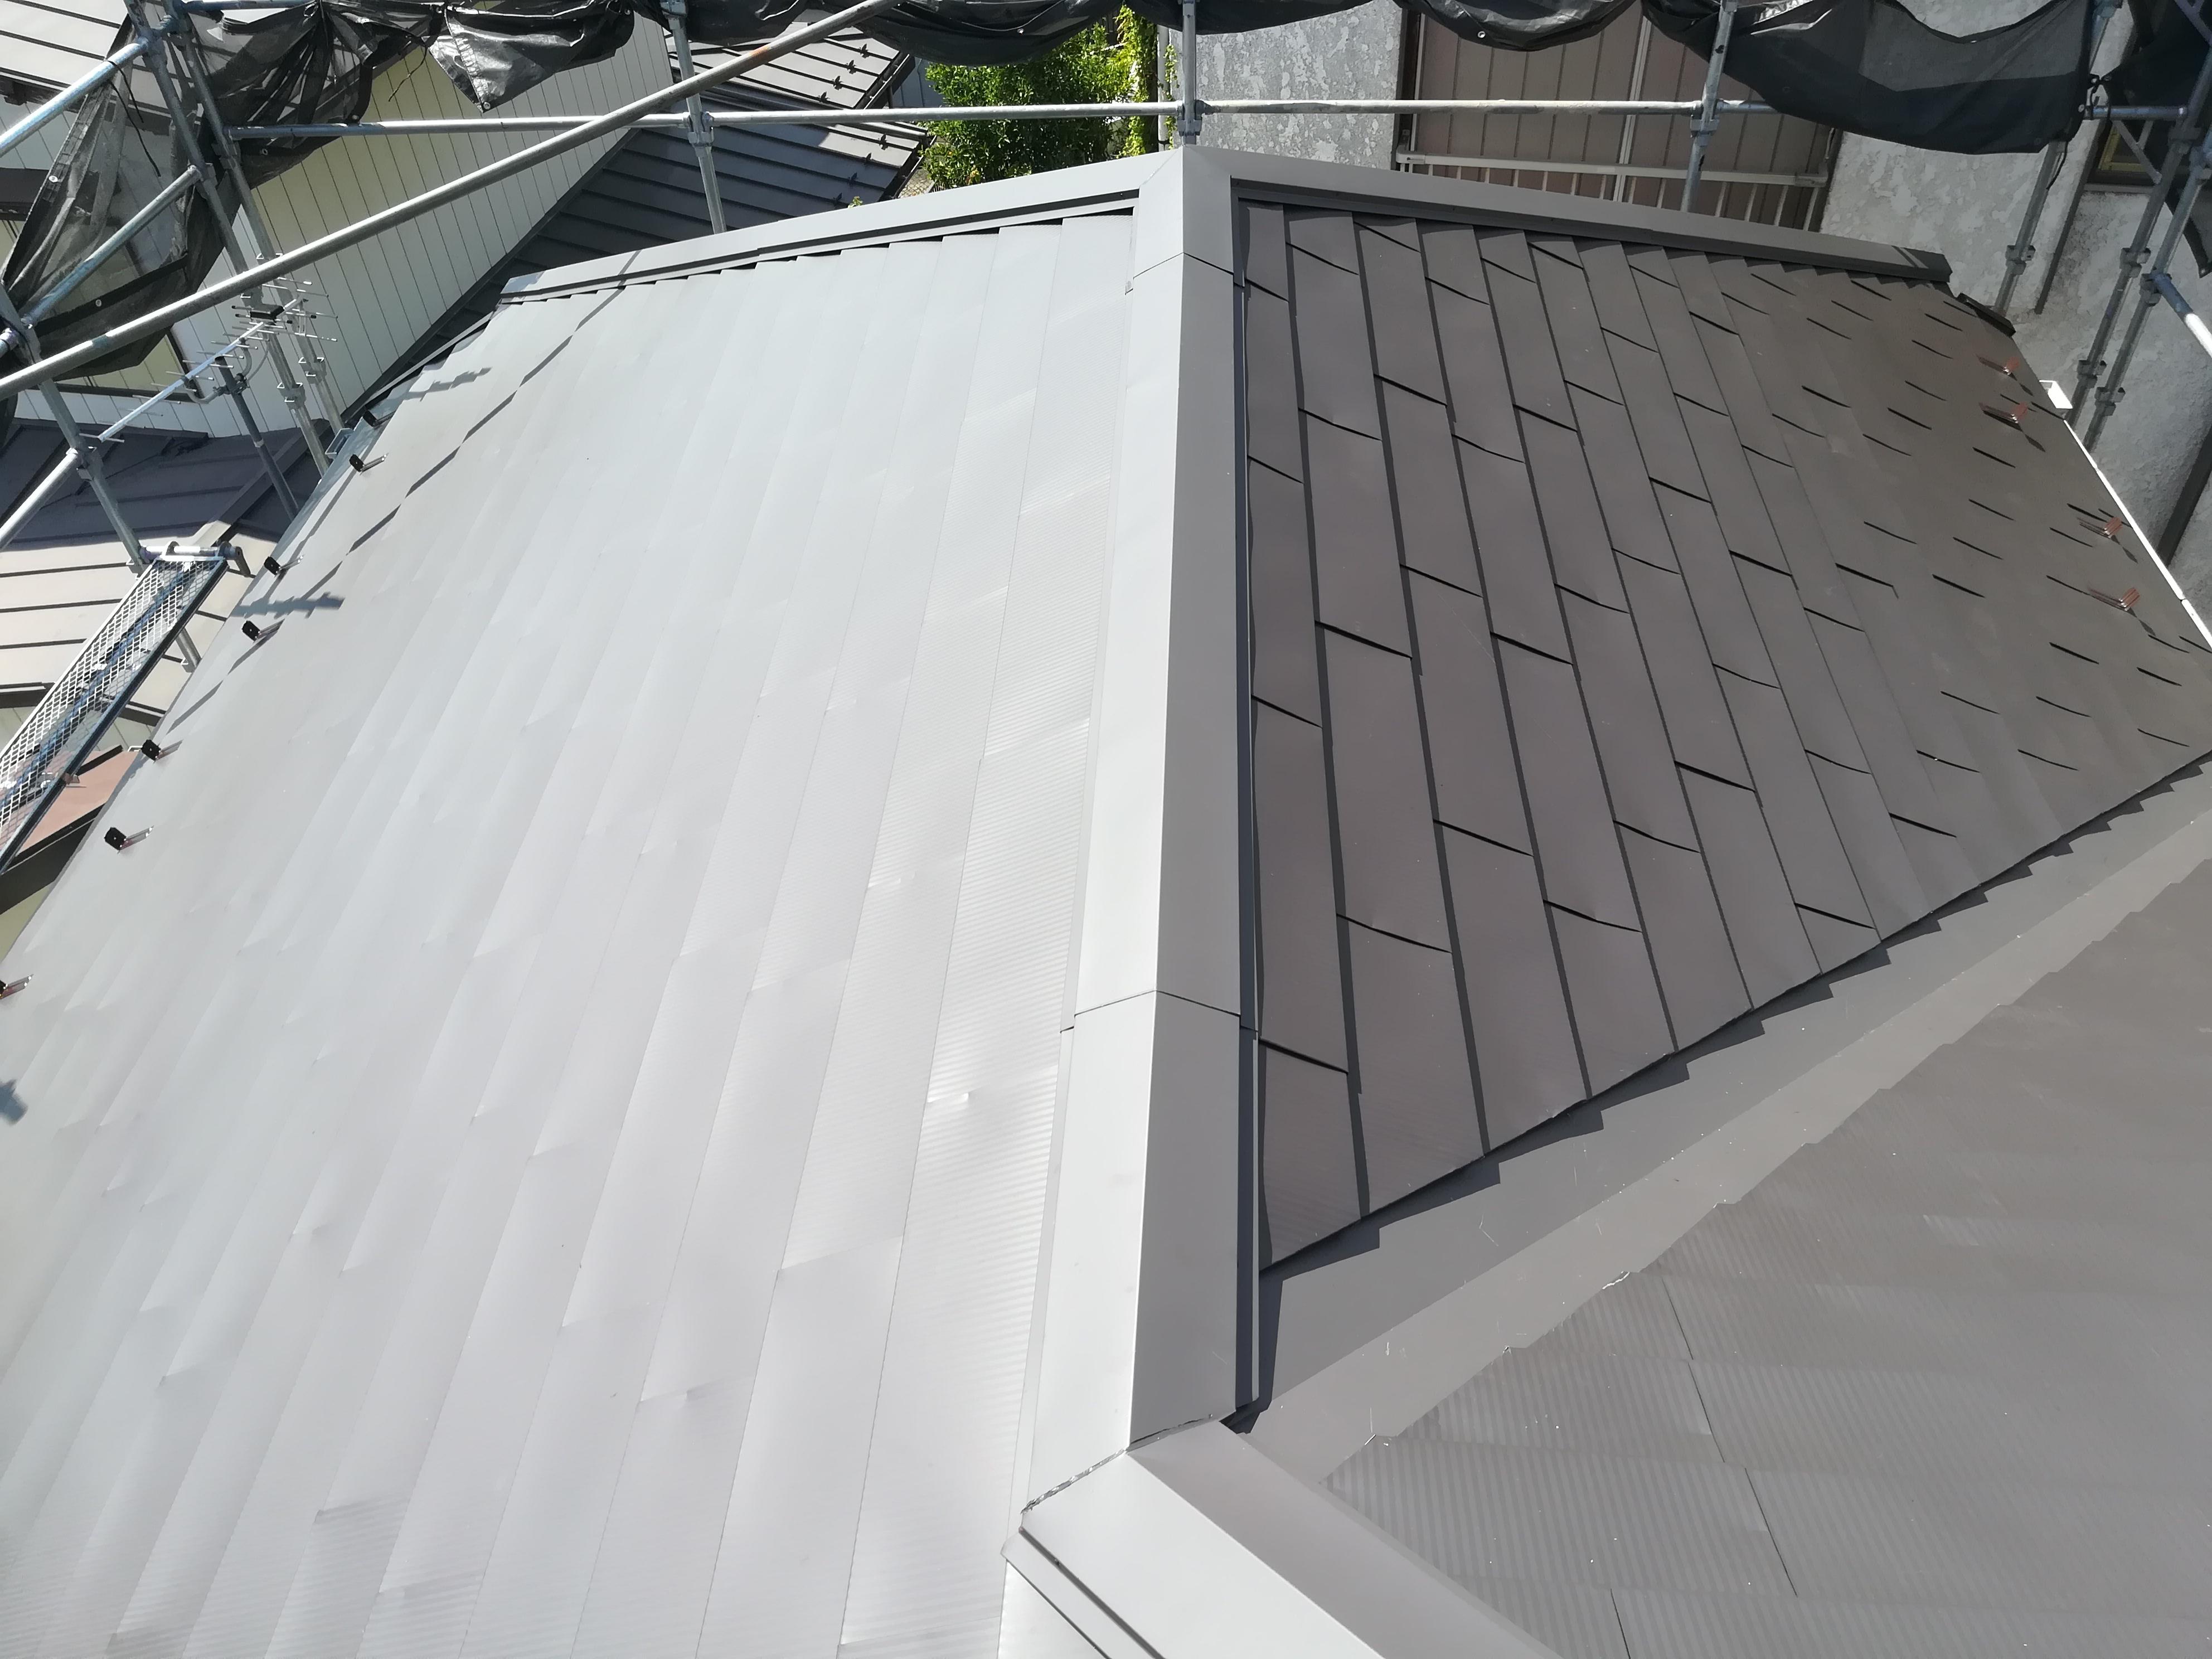 横浜市保土ケ谷区上菅田町にてスレート屋根にガルバリウム鋼板「OZルーフ182」で屋根カバー工事